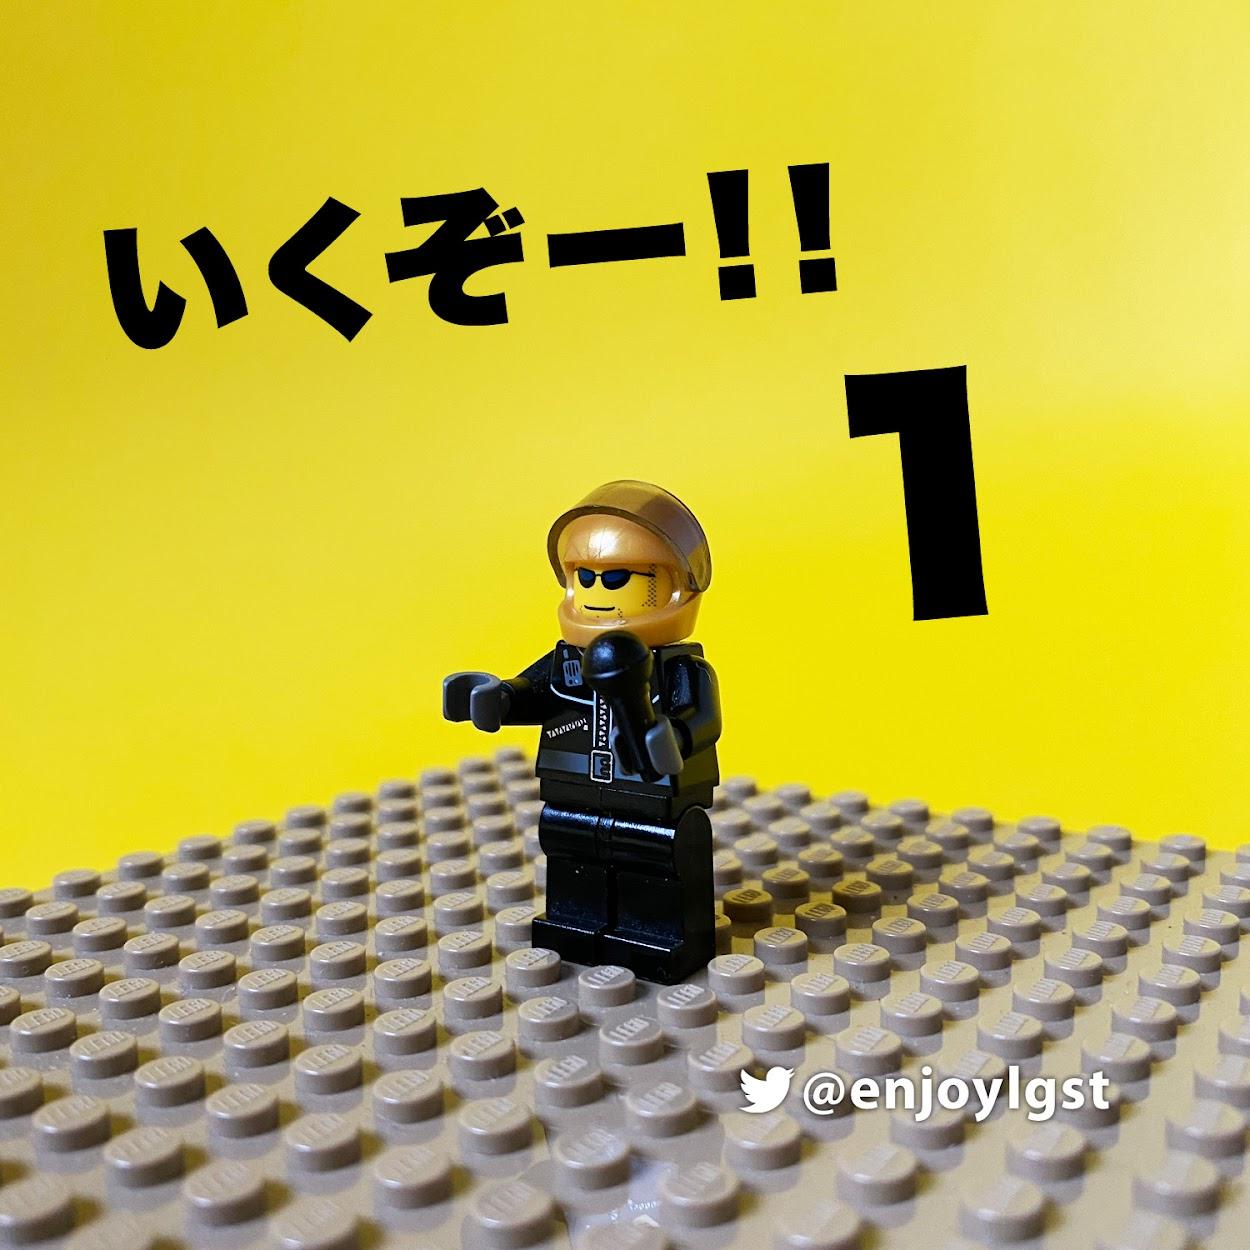 LEGOで英語!アントニオ猪木のアレを再現:LEGOで遊びながら英語を学ぶシリーズ